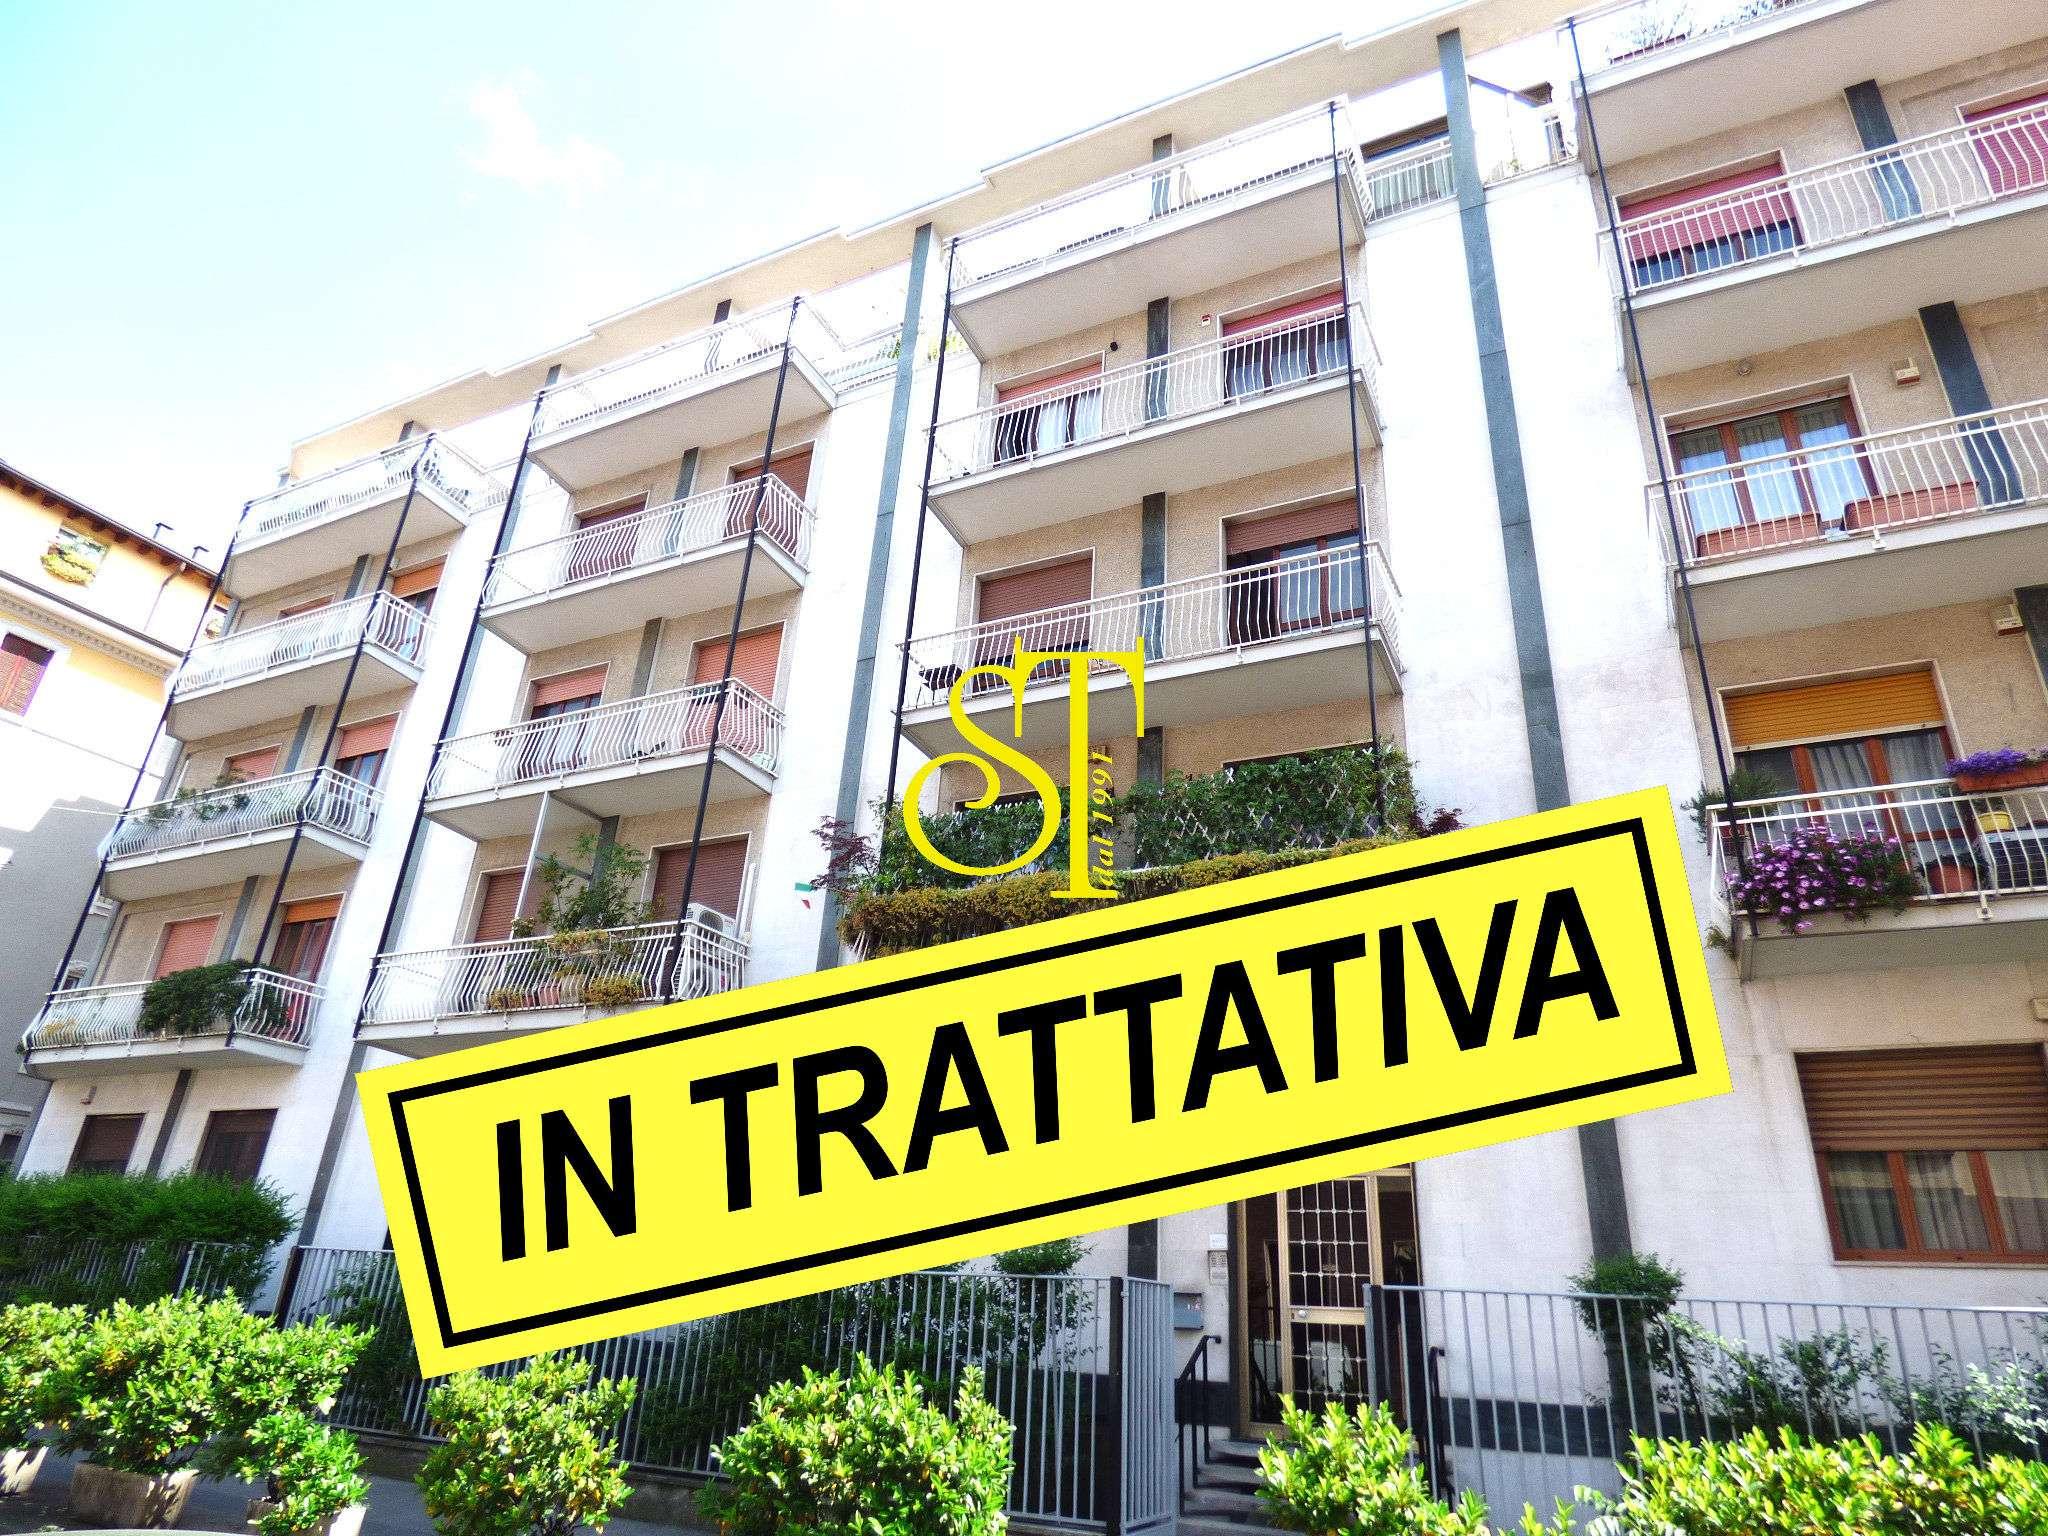 Appartamento in vendita a Milano, 3 locali, zona Zona: 19 . Affori, Bovisa, Niguarda, Testi, Dergano, Comasina, prezzo € 220.000 | CambioCasa.it